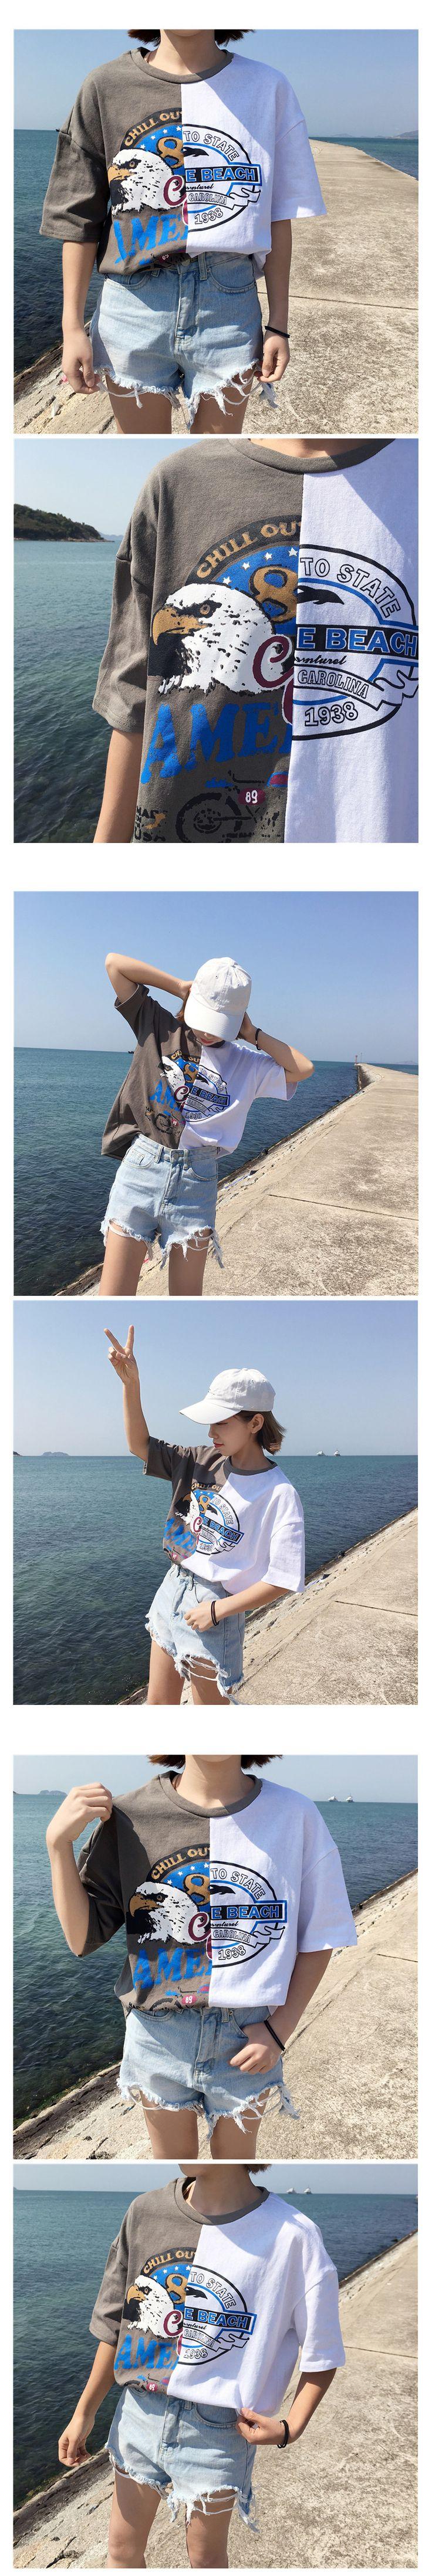 Camisa de La Tapa 2017 de Primavera y Verano Nuevas Camisetas Harajuku Ulzzang coreana Print Vintage Patchwork Asimétrica Camiseta de Las Mujeres Camisas Casuales en Camisetas de Ropa y Accesorios de las mujeres en AliExpress.com | Alibaba Group